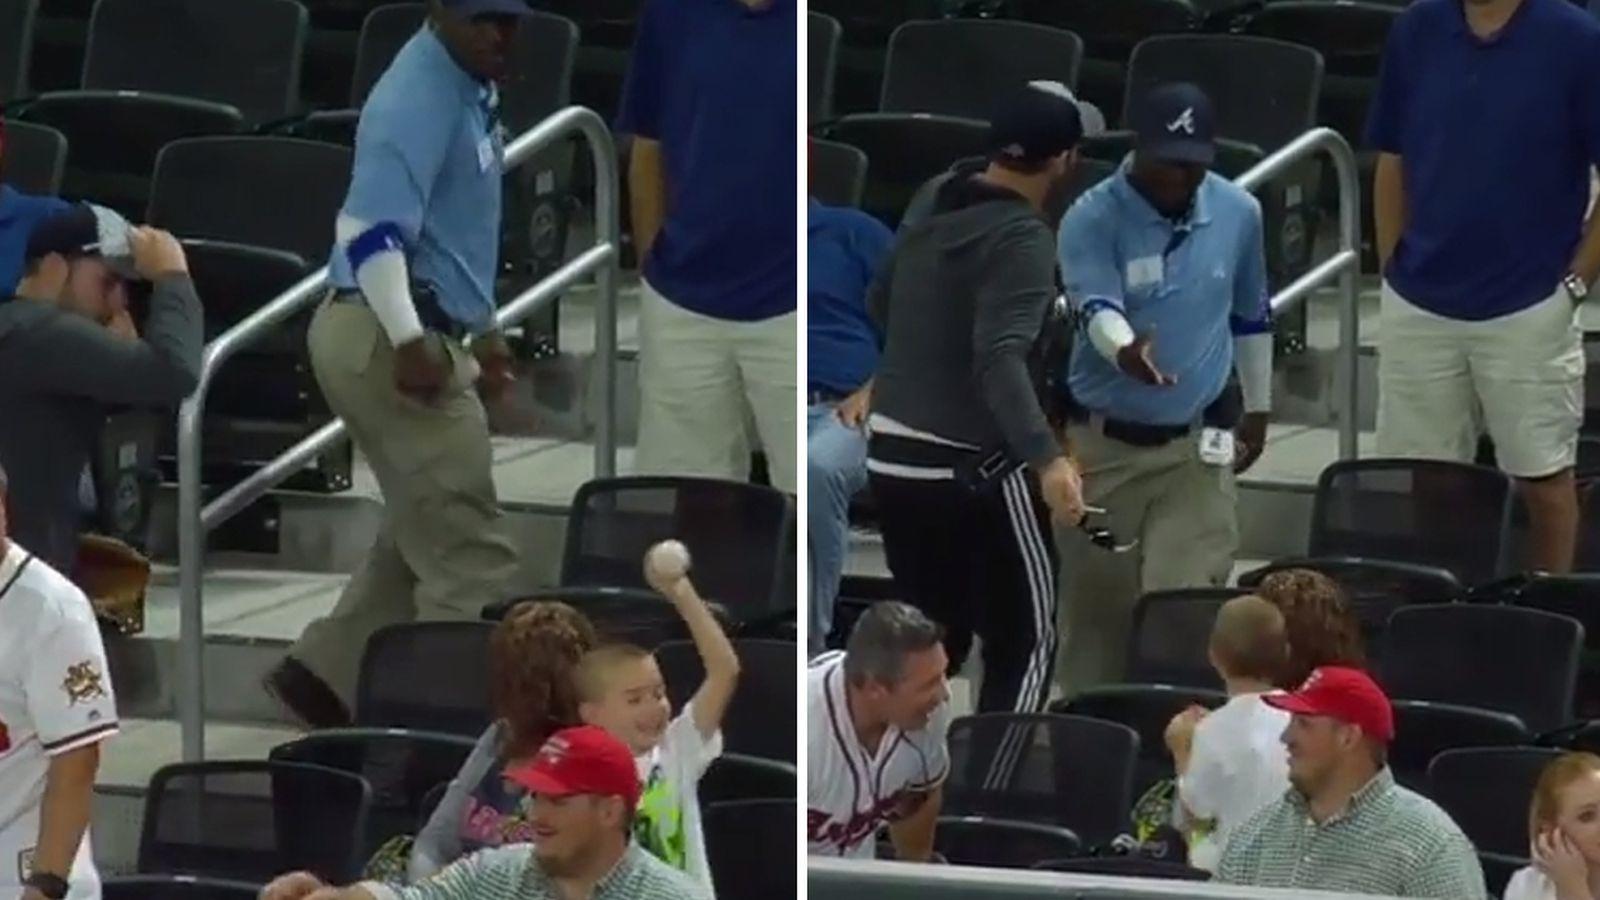 Braves_fan_security.0